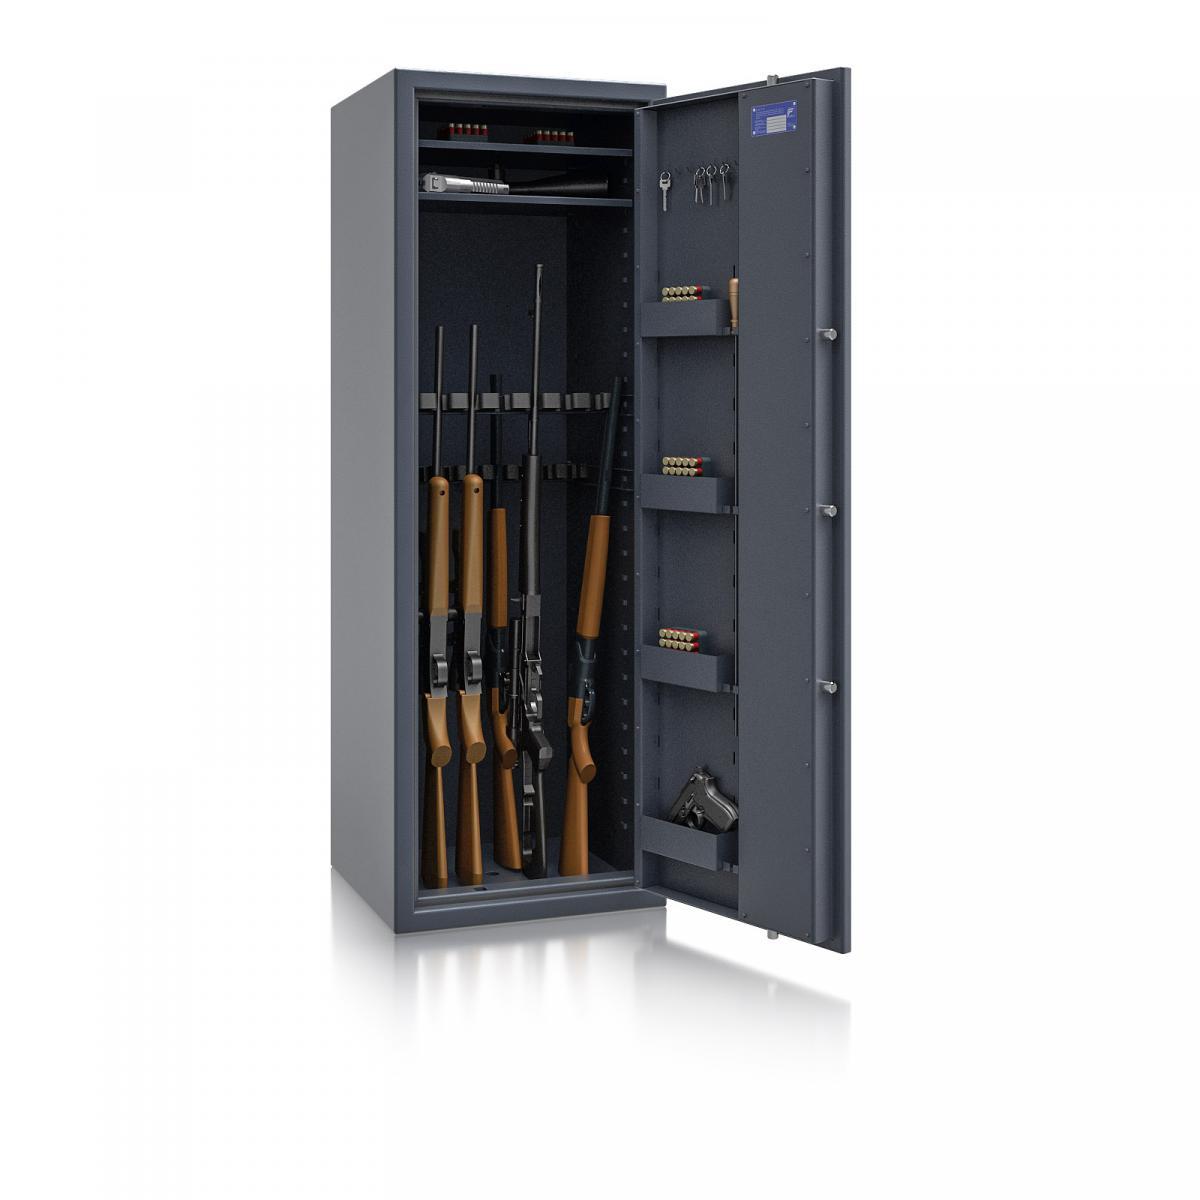 Waffenschrank Luzern WF MAX 2 - 1600x550x500 / 207kg 55632 / Klasse 0 / RAL7024 / Schlüssel / DIN R / ohne Trennw.